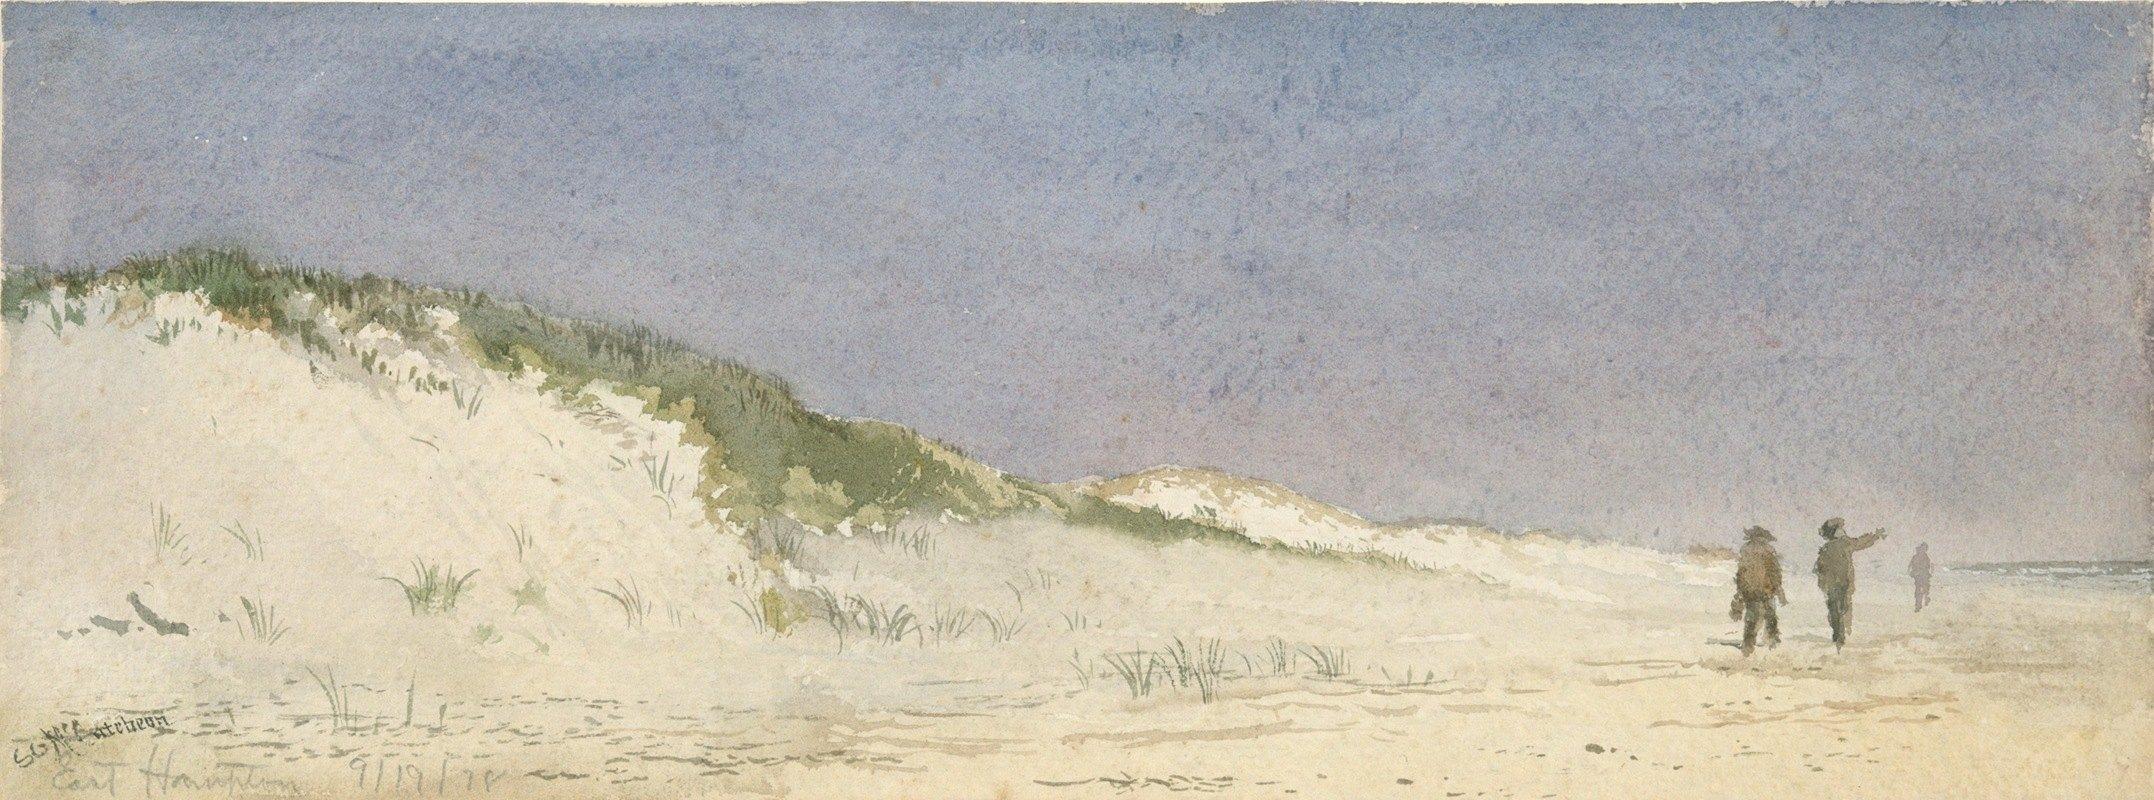 S.G. McCutcheon - Beach, EastHampton